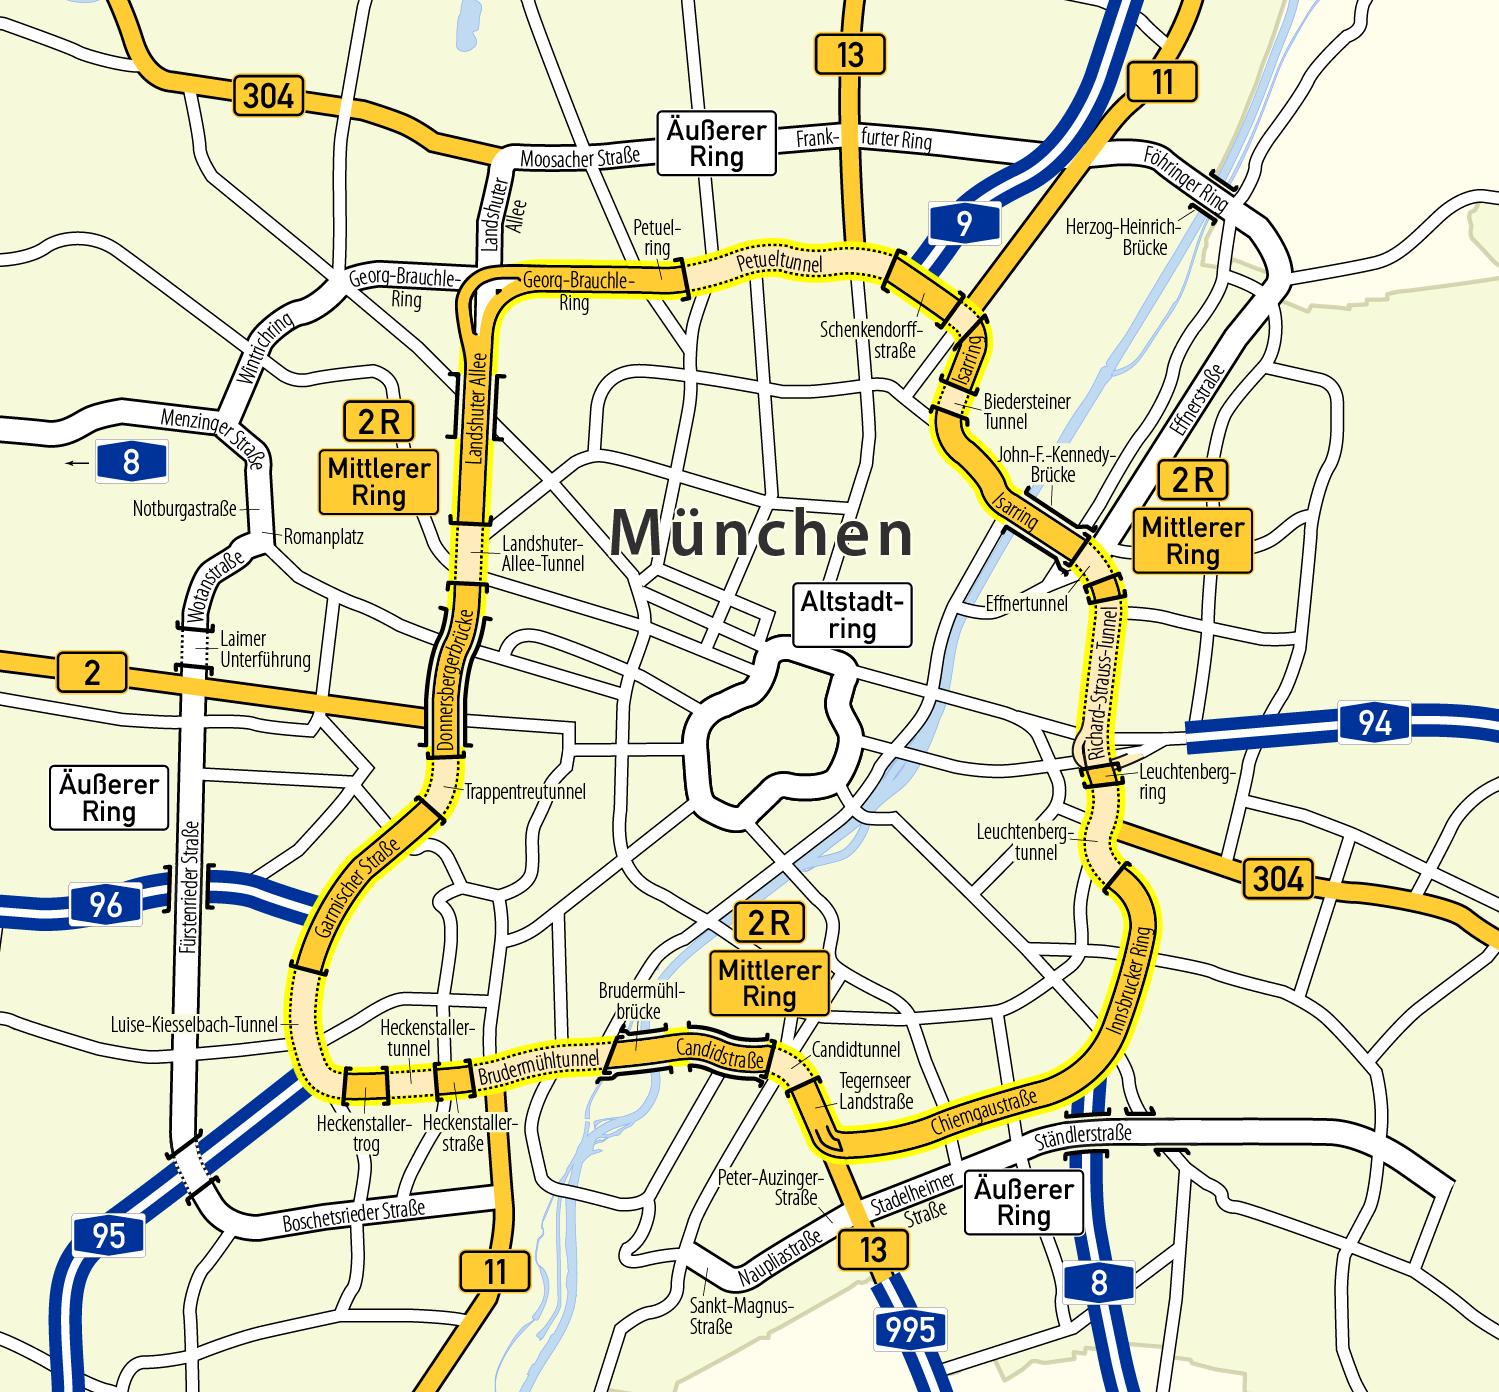 bundesstraßen karte File:Karte Mittlerer Ring München.png   Wikimedia Commons bundesstraßen karte